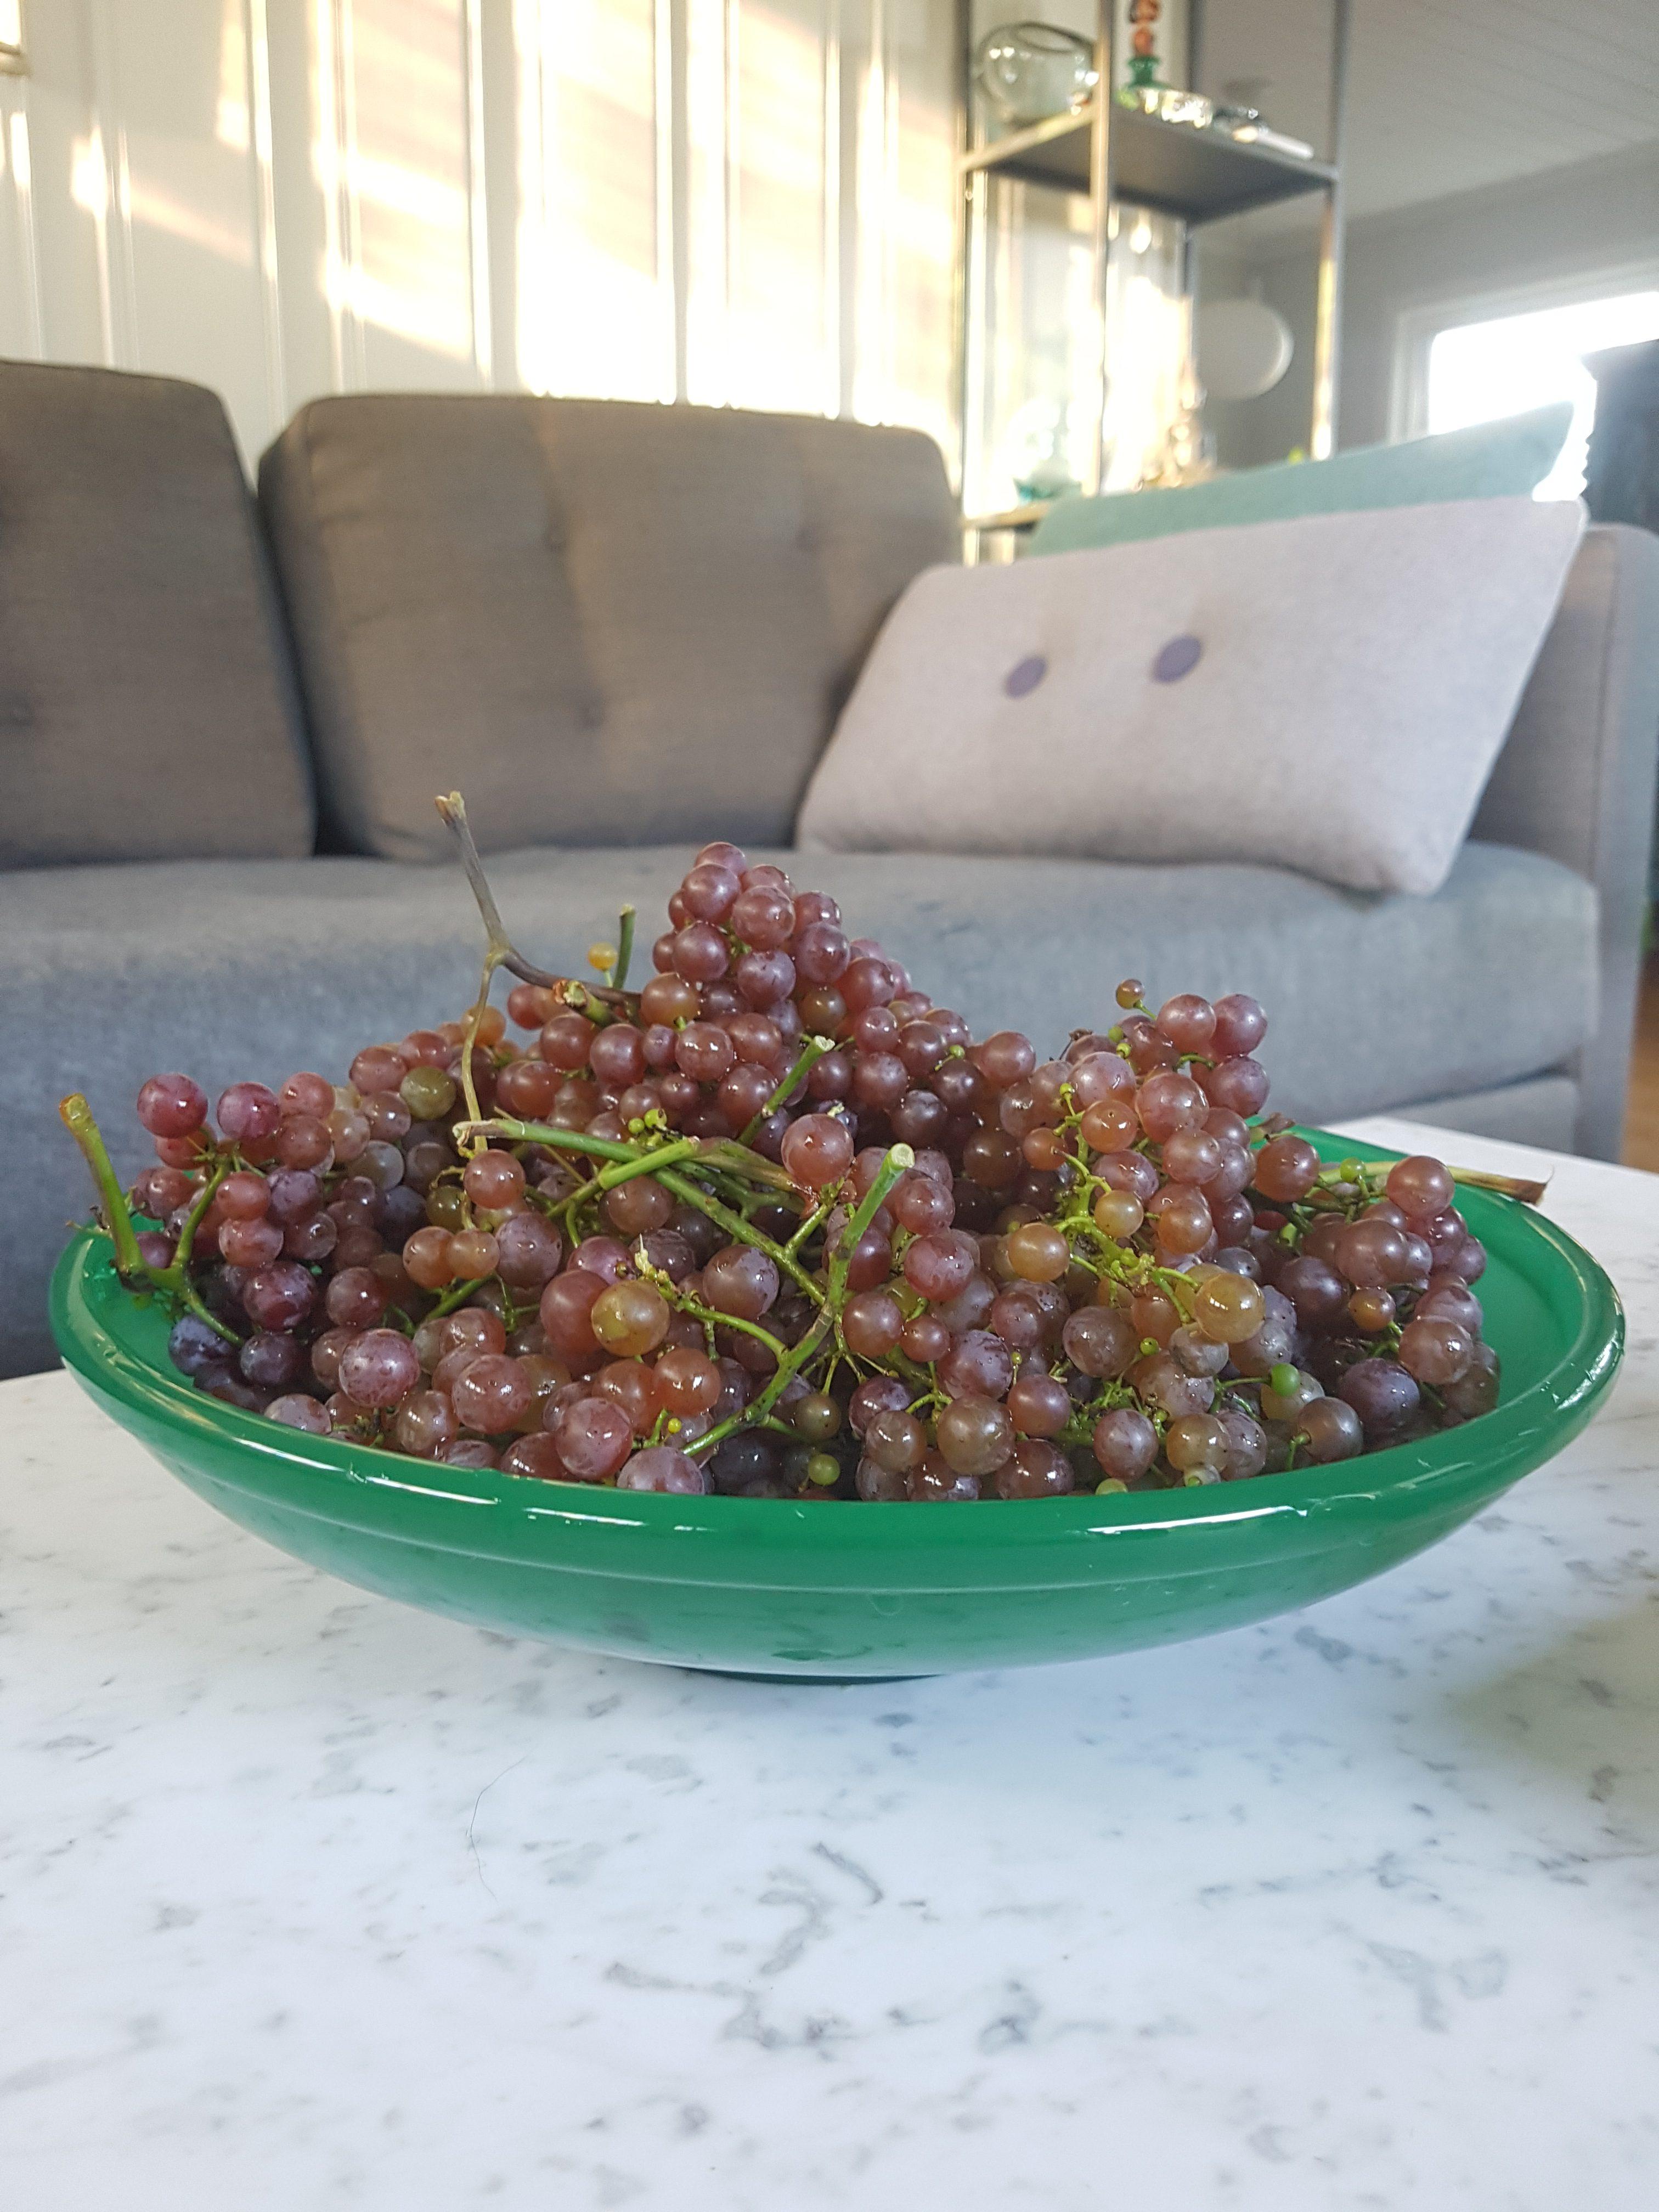 Et par forhåndsregler når du bruker frukt og grønnsaker til dekorasjon!